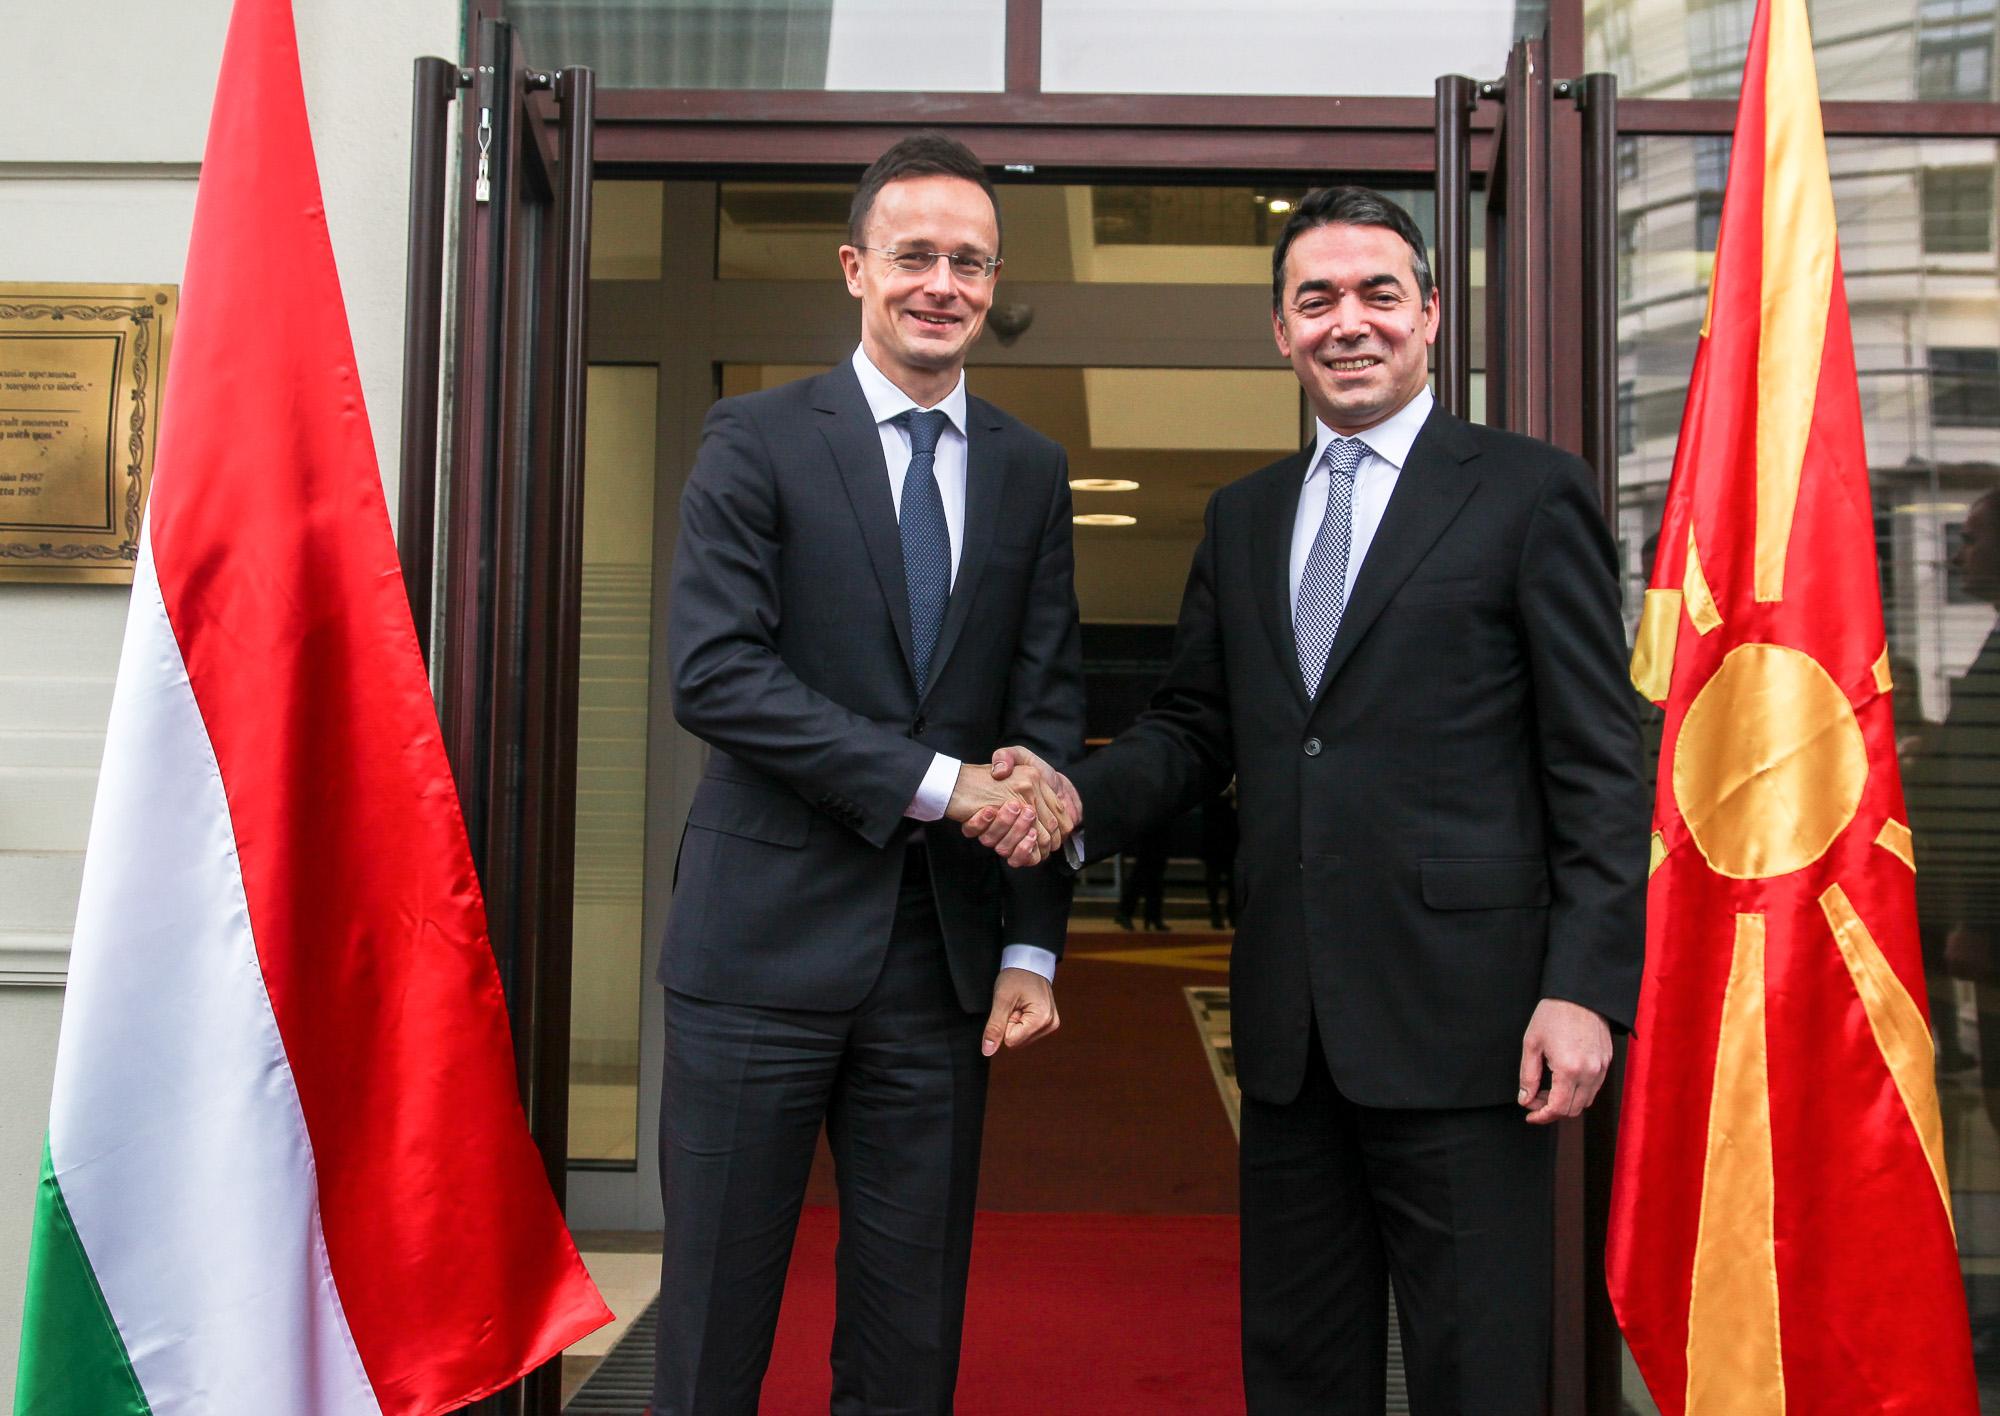 Димитров Сијарто  Унгарија останува силен поддржувач на Македонија